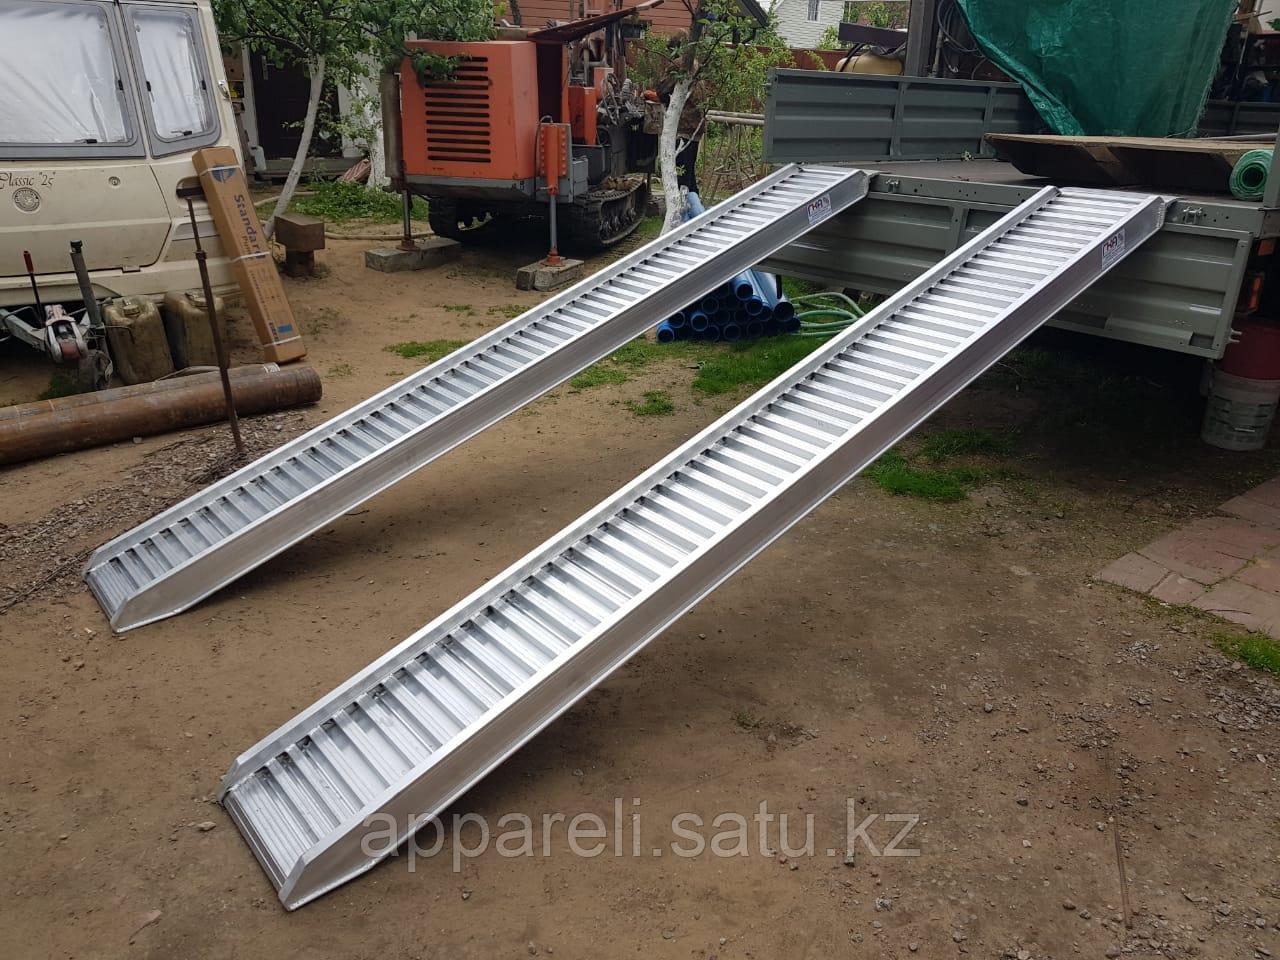 Производство трапов сходней алюминиевых 6450 кг